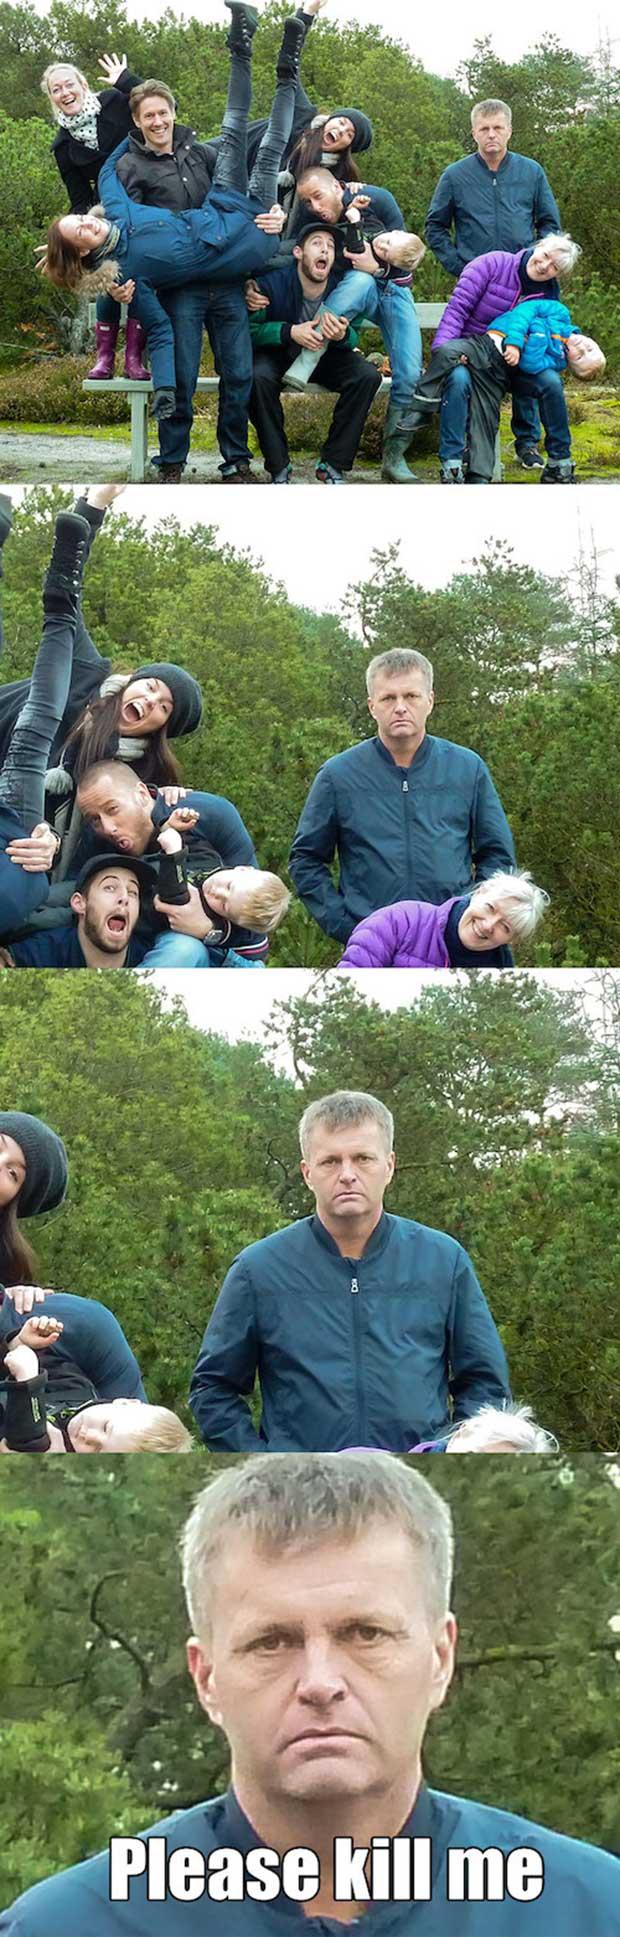 18 Fotos familiares con un resultado inesperado - 17